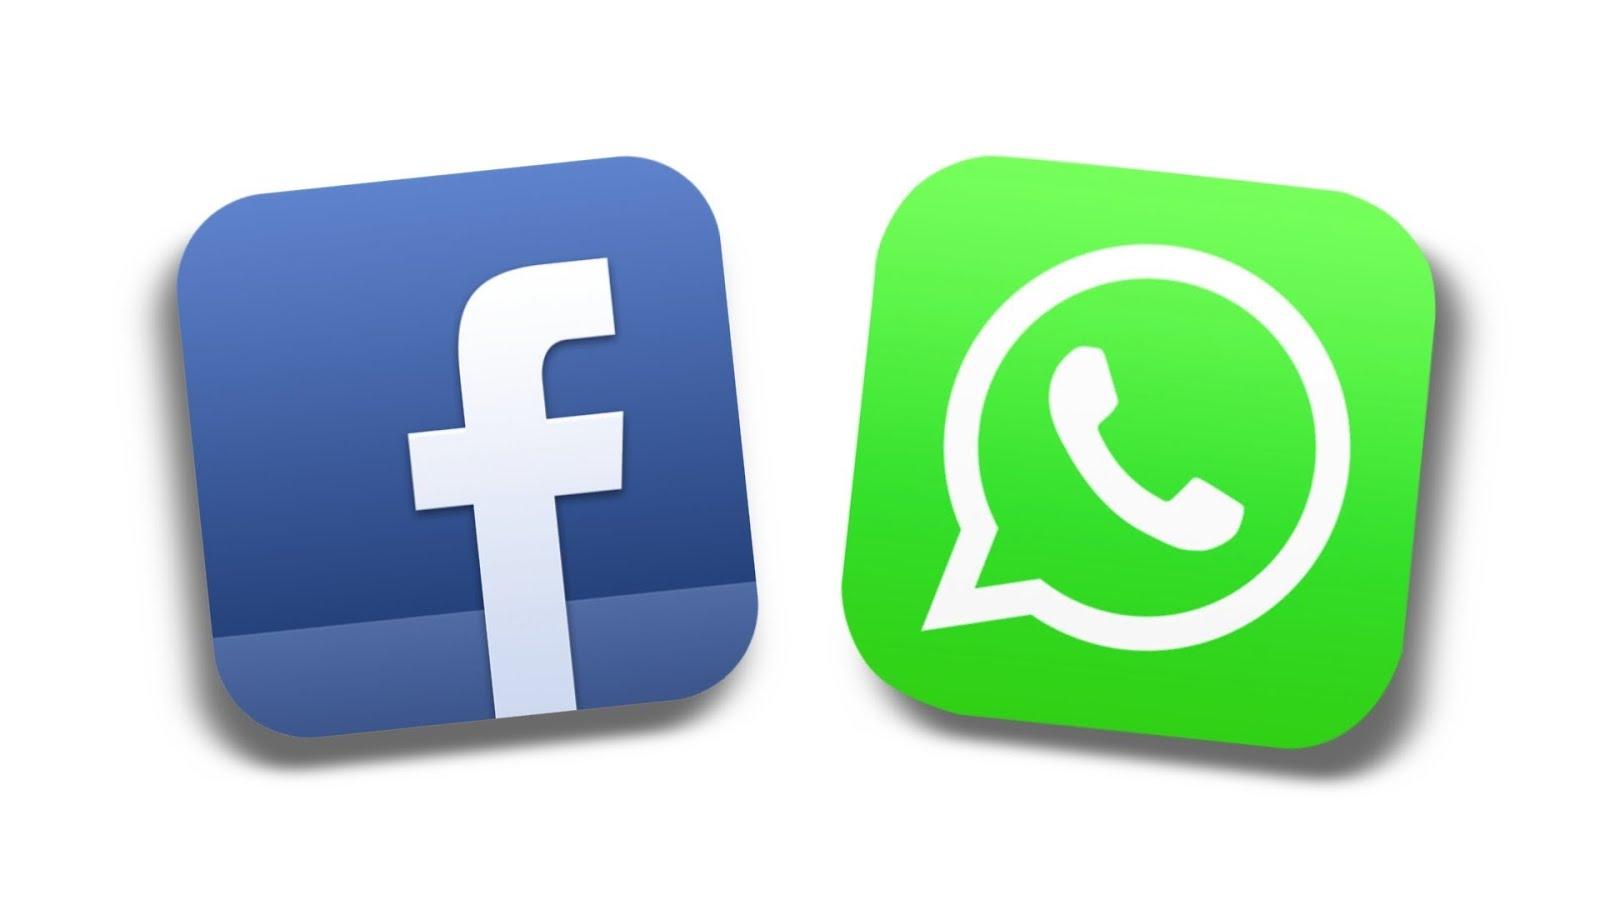 Visite - nos no Facebook ou no Zap Zap.